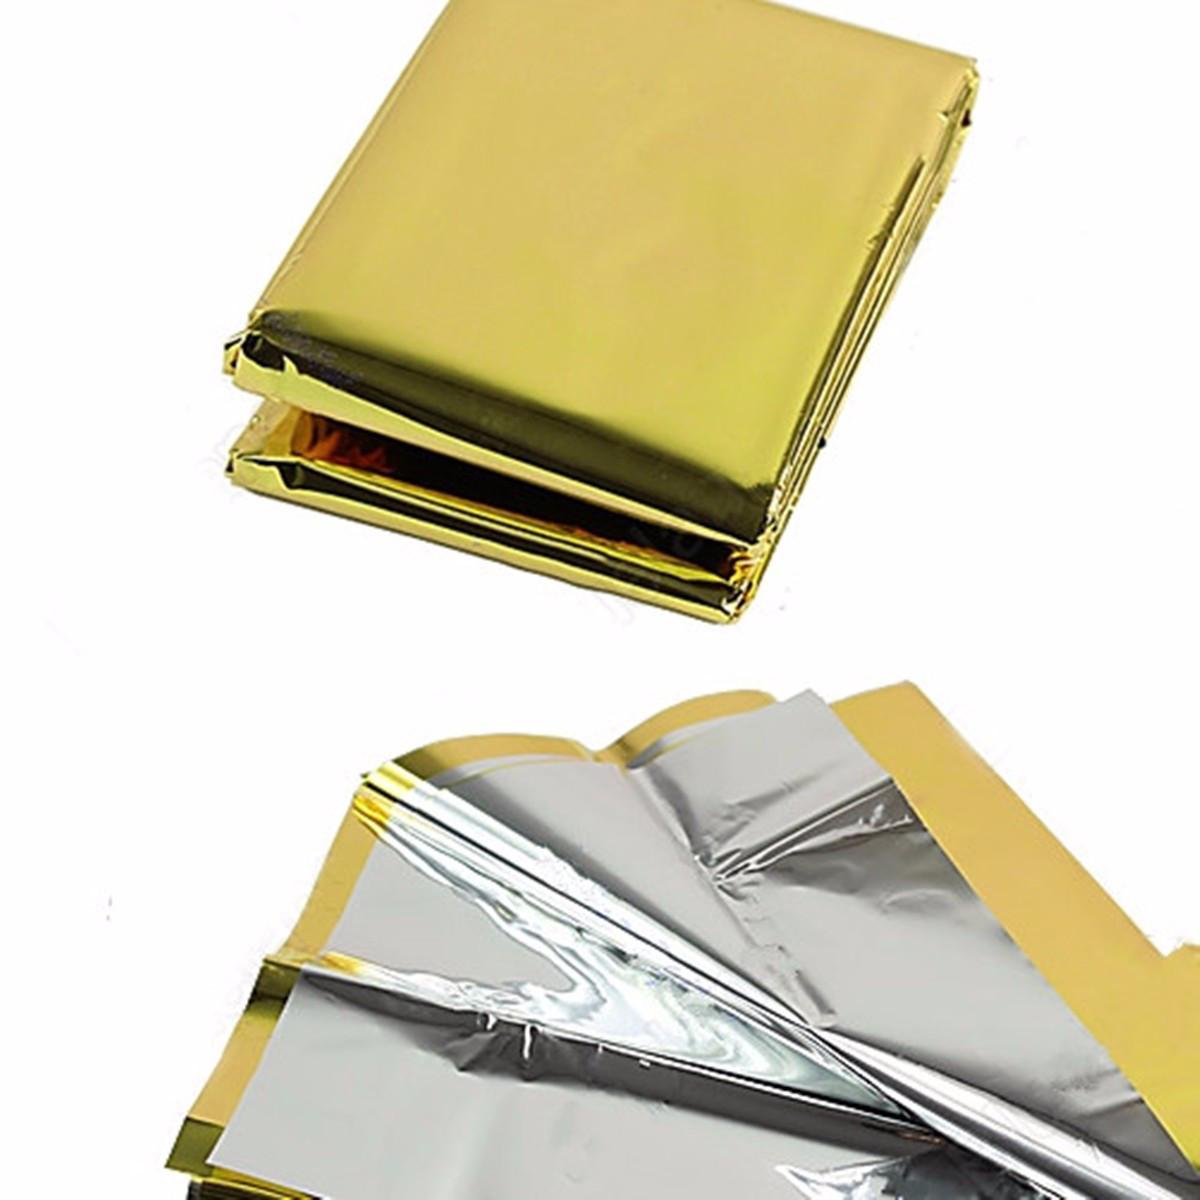 Спасательное покрывало KOR-AN , золото/серебро , размер 160 Х 210 см , Польша